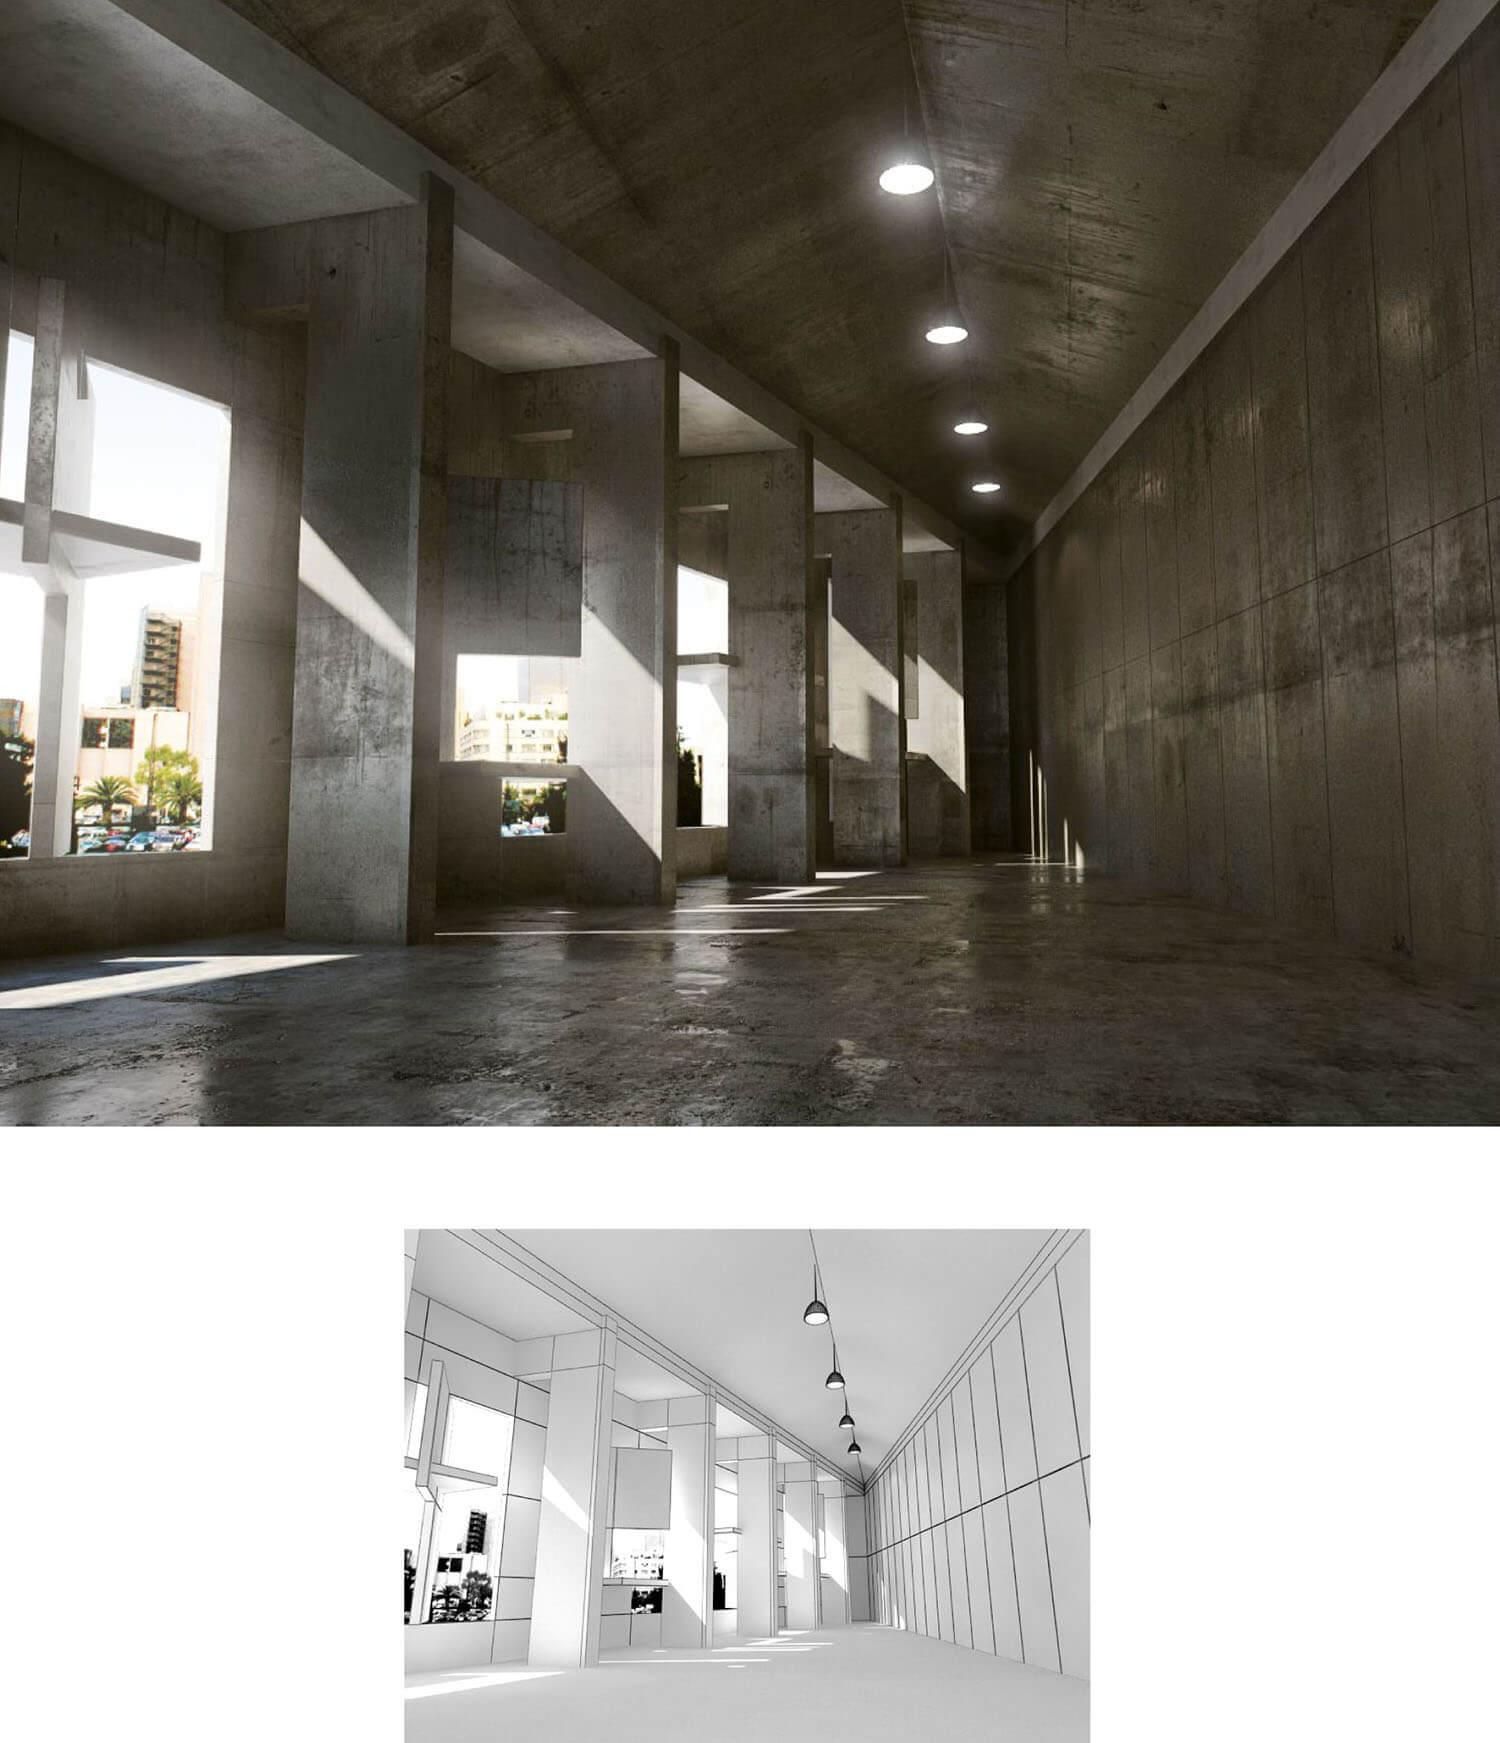 Không gian sảnh đẹp bằng bê tông không trát như các nhà công xưởng